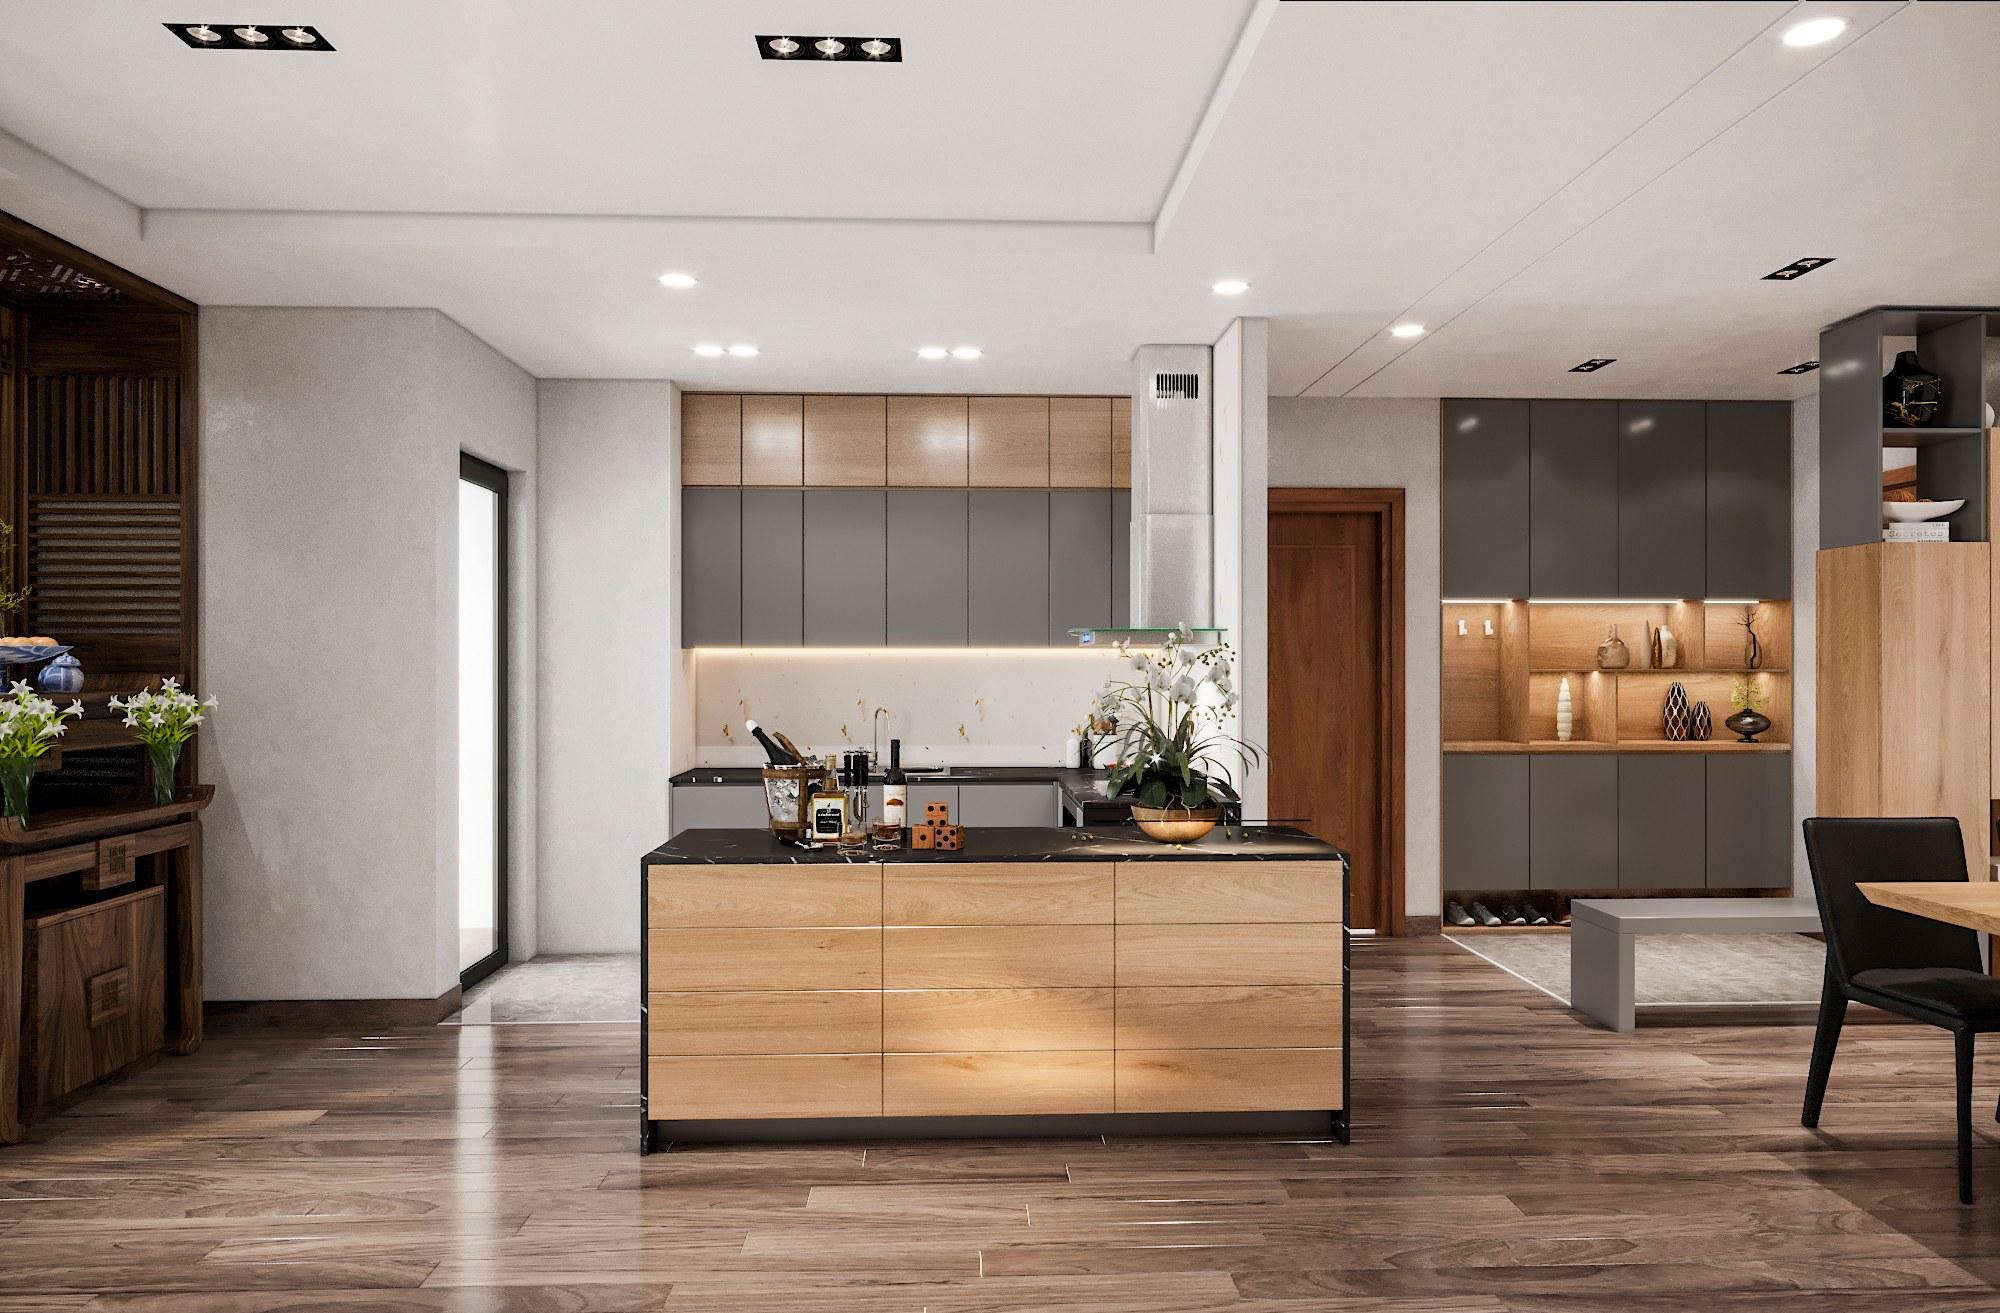 Thiết kế nội thất chung cư 3 phòng ngủ 90m2